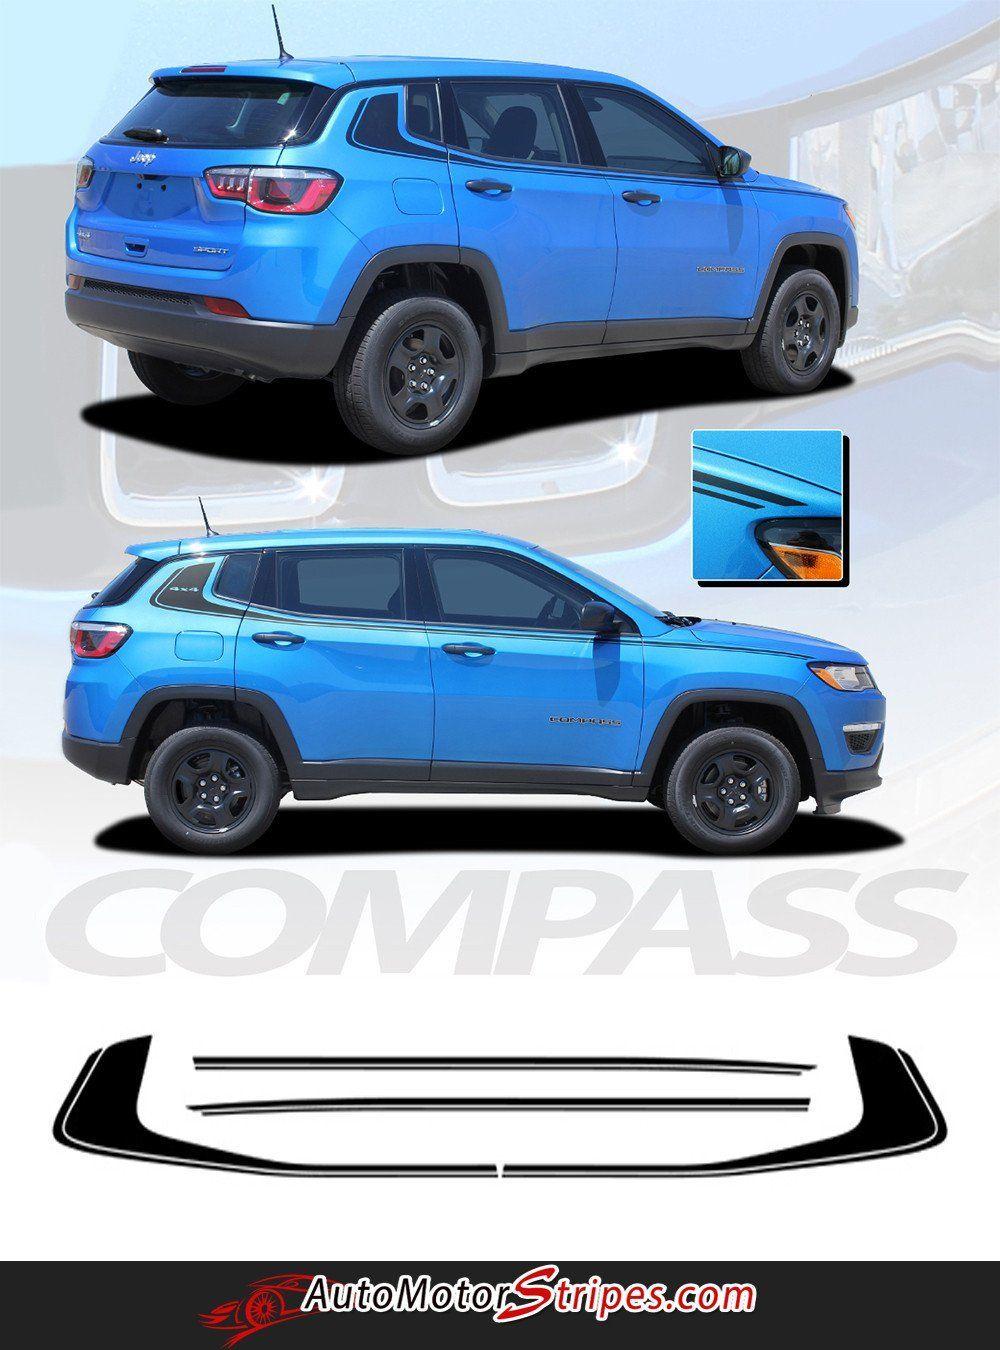 2017 2018 Jeep Compass Stripes Vinyl Graphics Decals Door Body Line Accent 3m Altitude